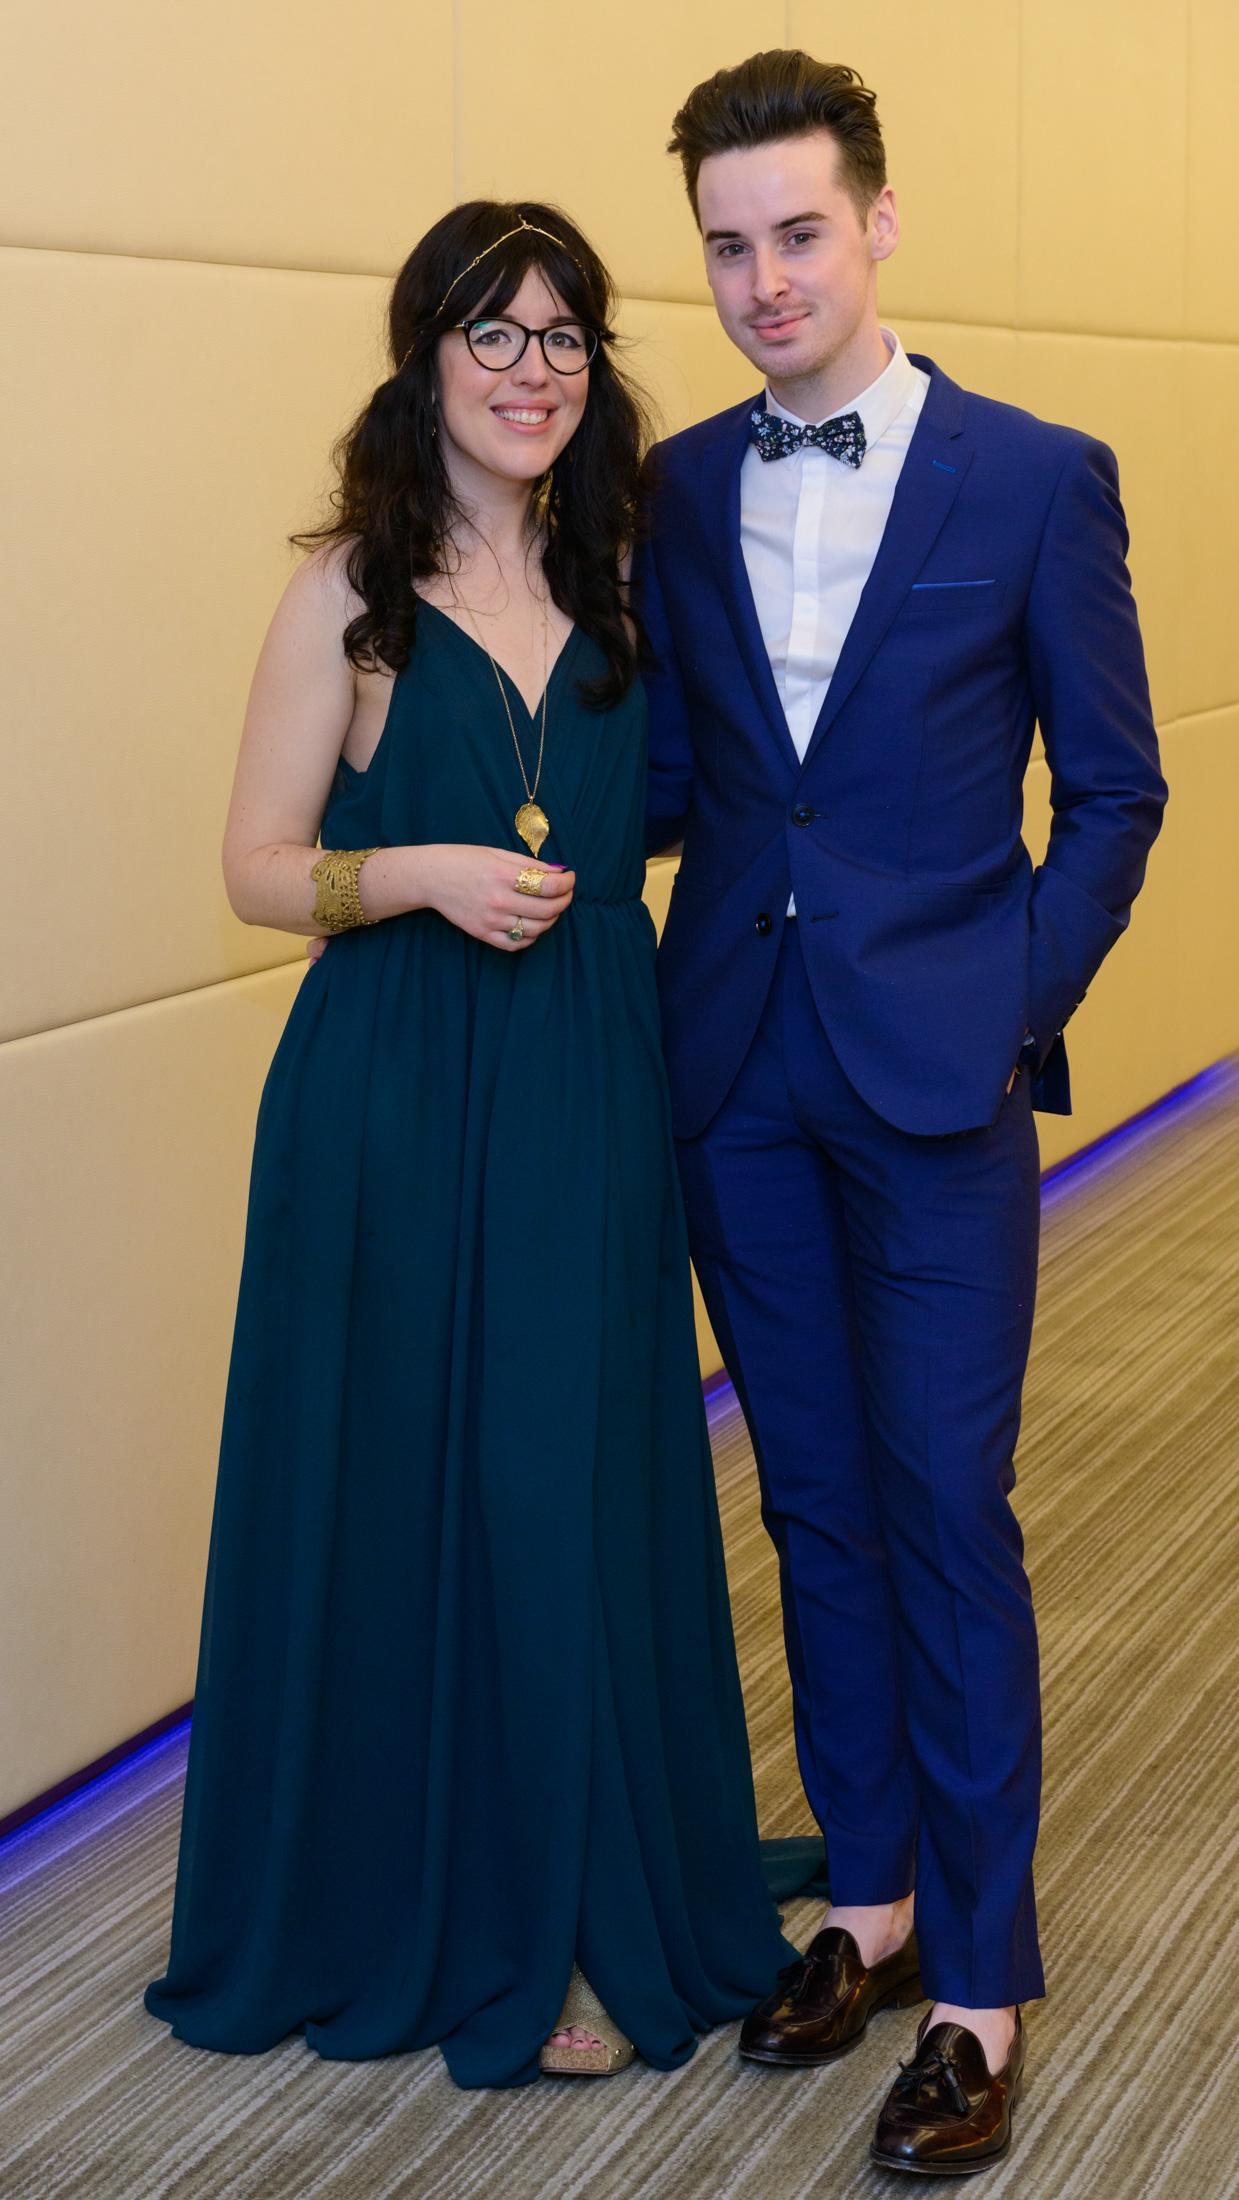 KFW16_Irish Fashion Industry Awards_10009.JPG